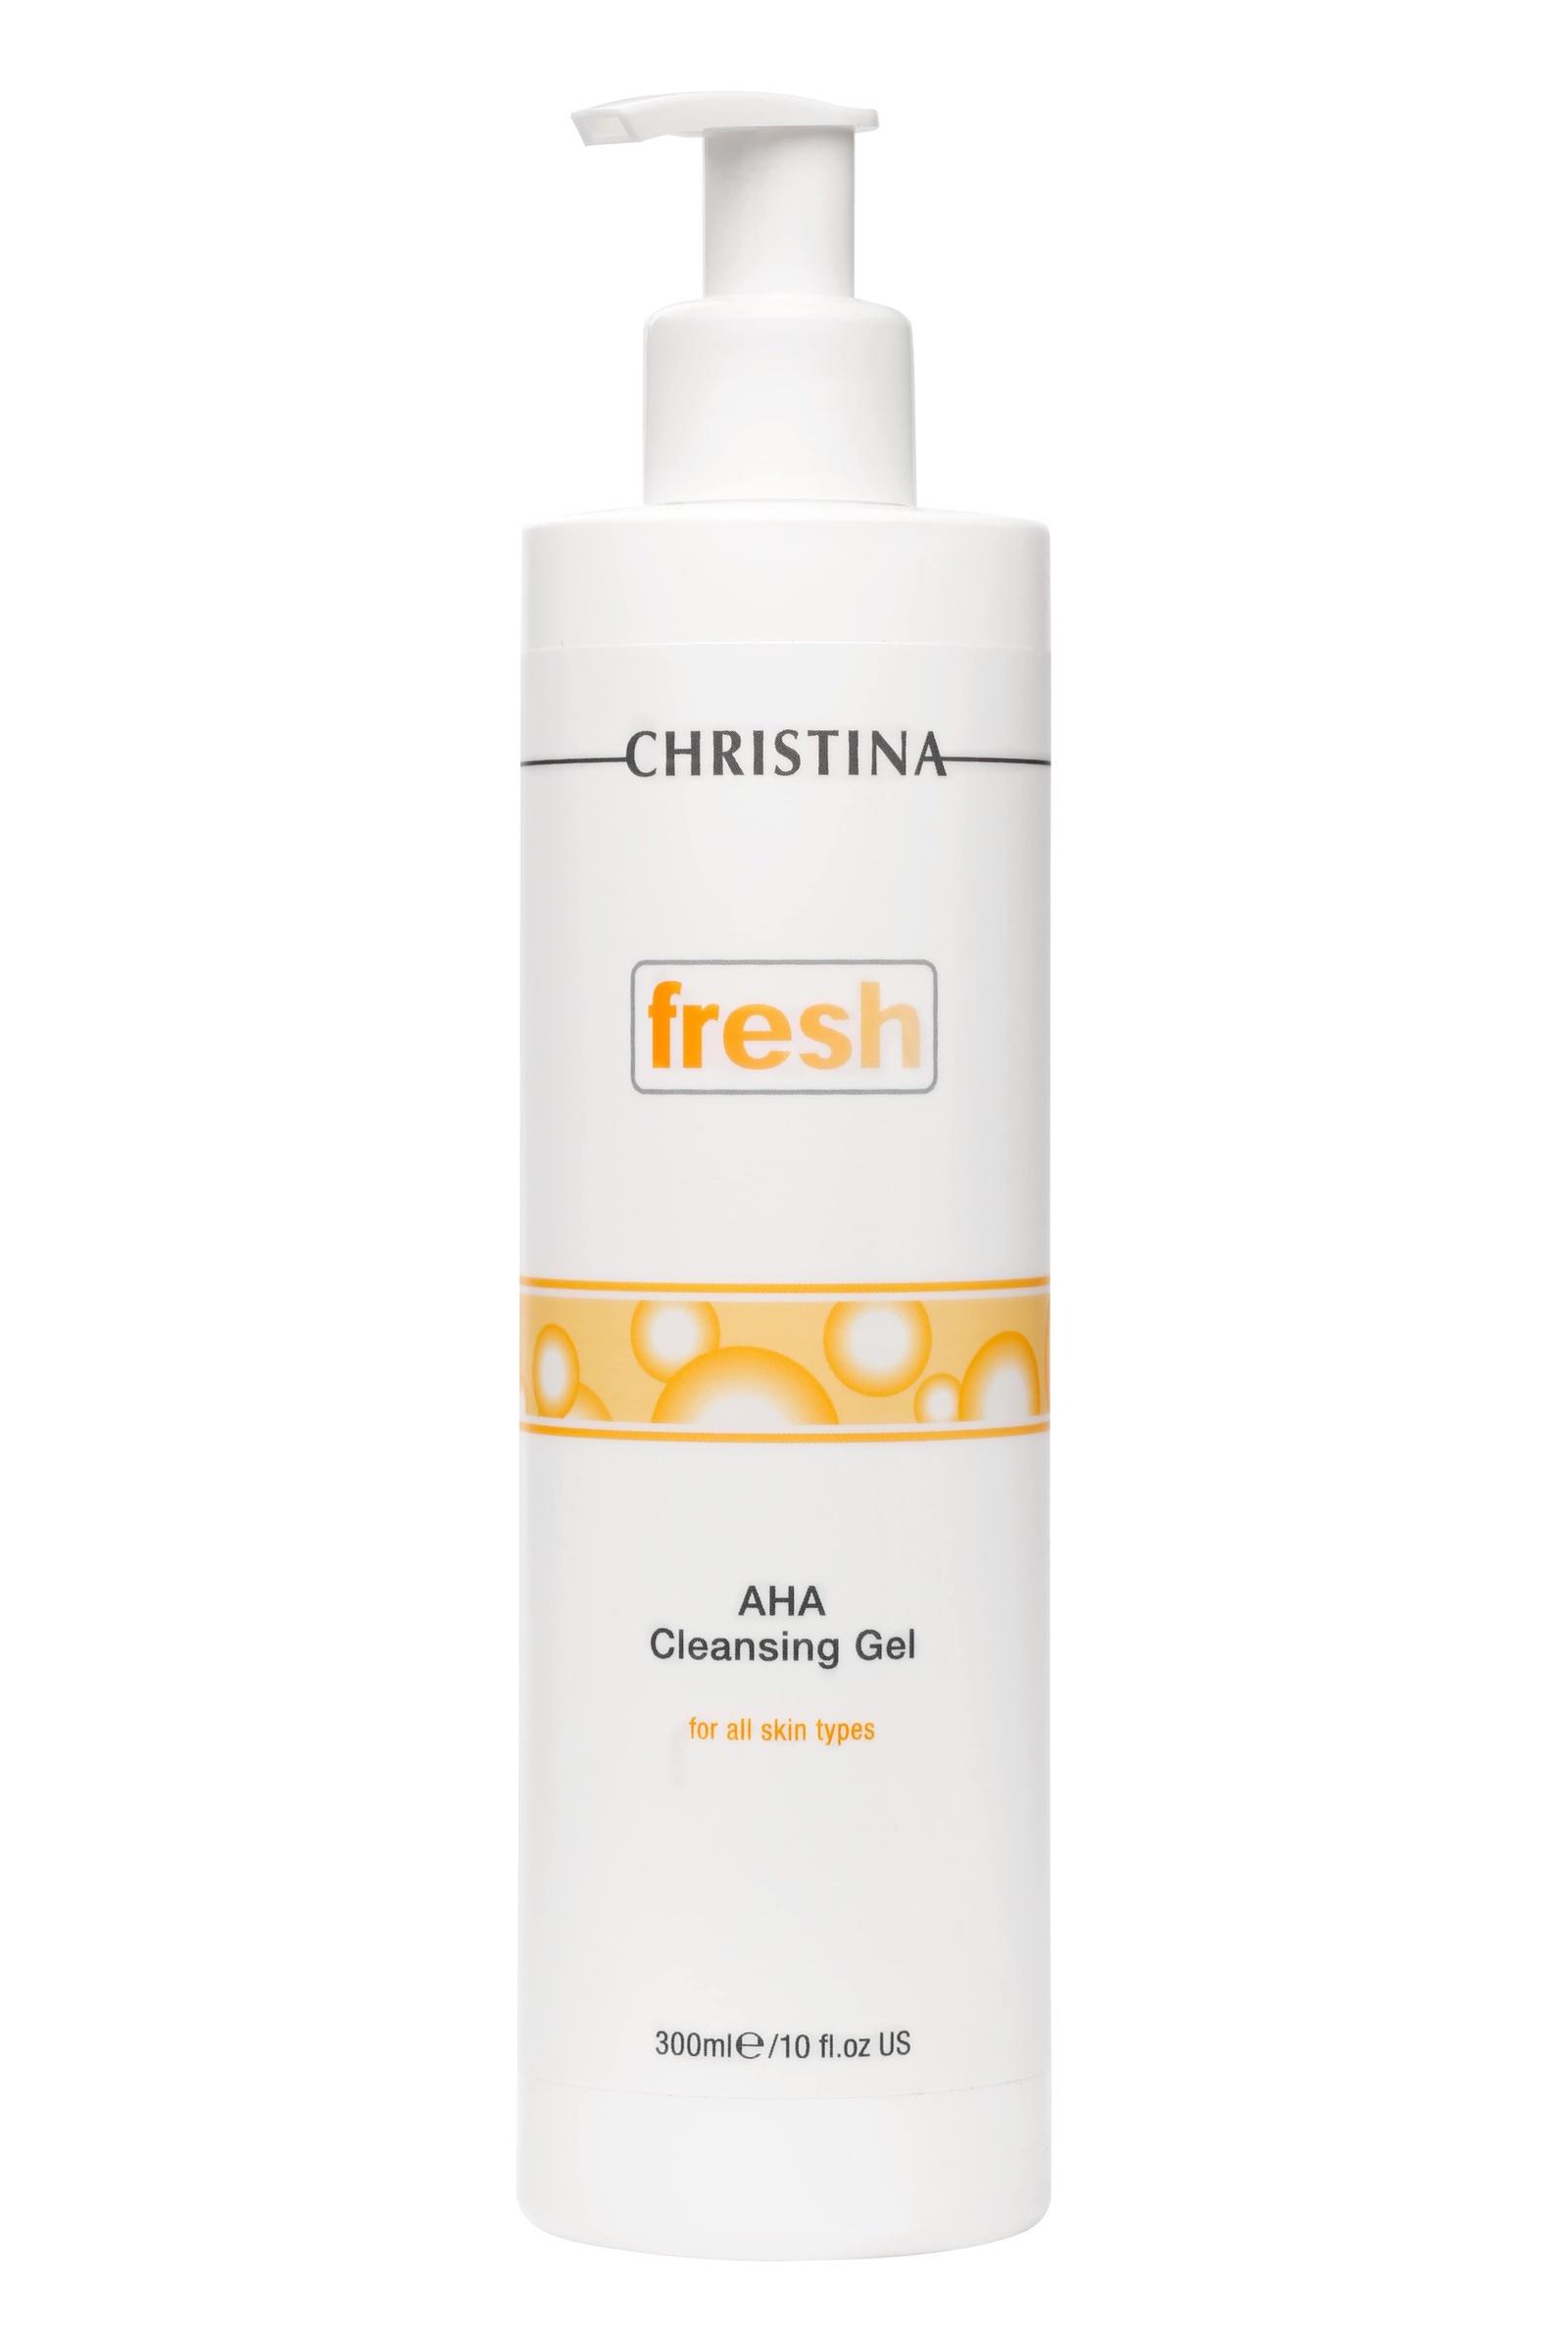 Гель для умывания CHRISTINA Очищающий с фруктовыми кислотами для всех типов кожи Fresh AHA Cleansing for all skin types christina азуленовый очищающий гель для чувствитетельной и склонной к покраснениям кожи fresh azulene cleansing gel for delicate